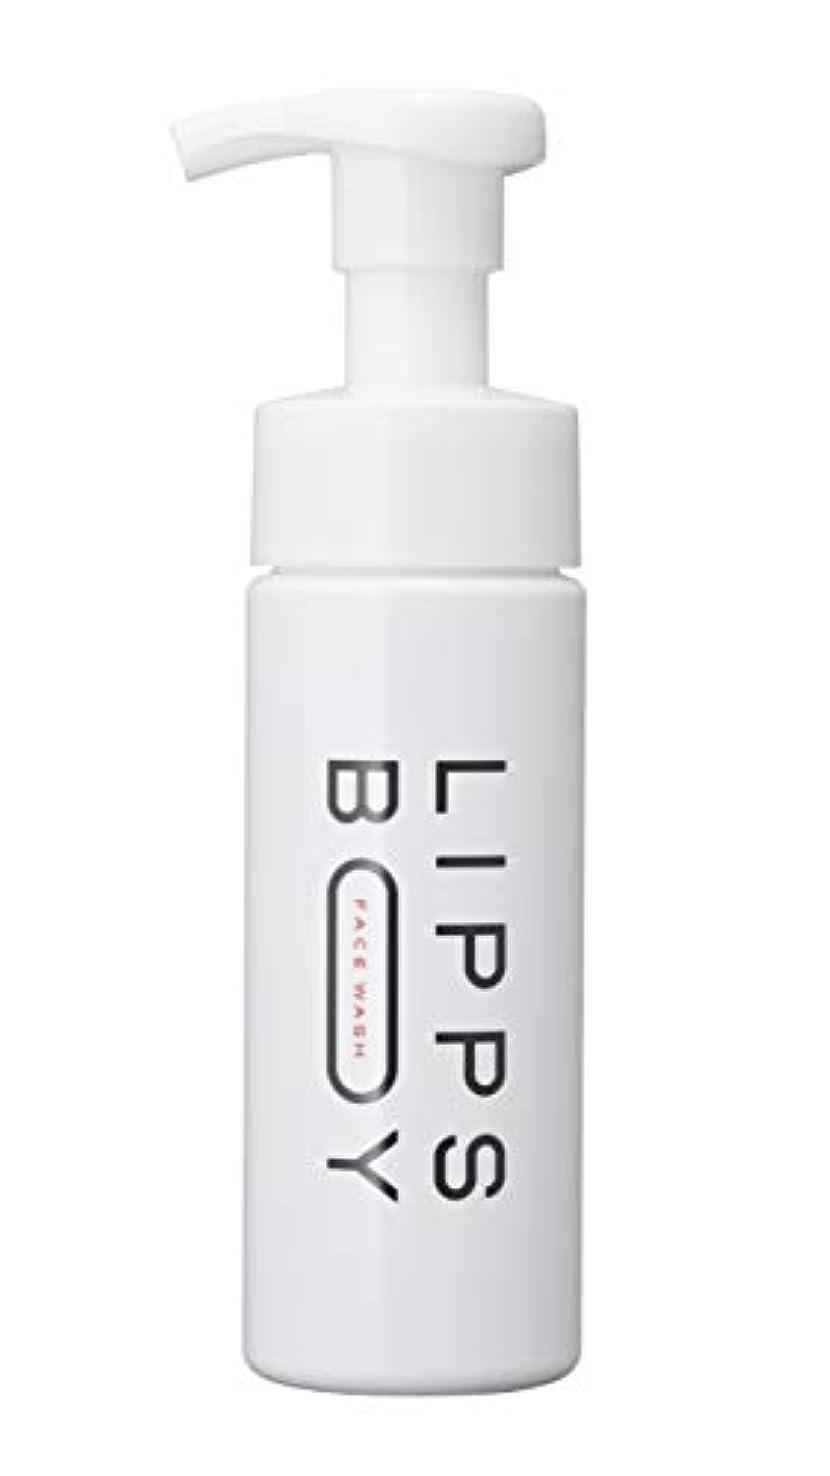 栄光の非行回復【メンズ洗顔フォーム/毛穴汚れ】リップスボーイ 泡洗顔フォーム150ml